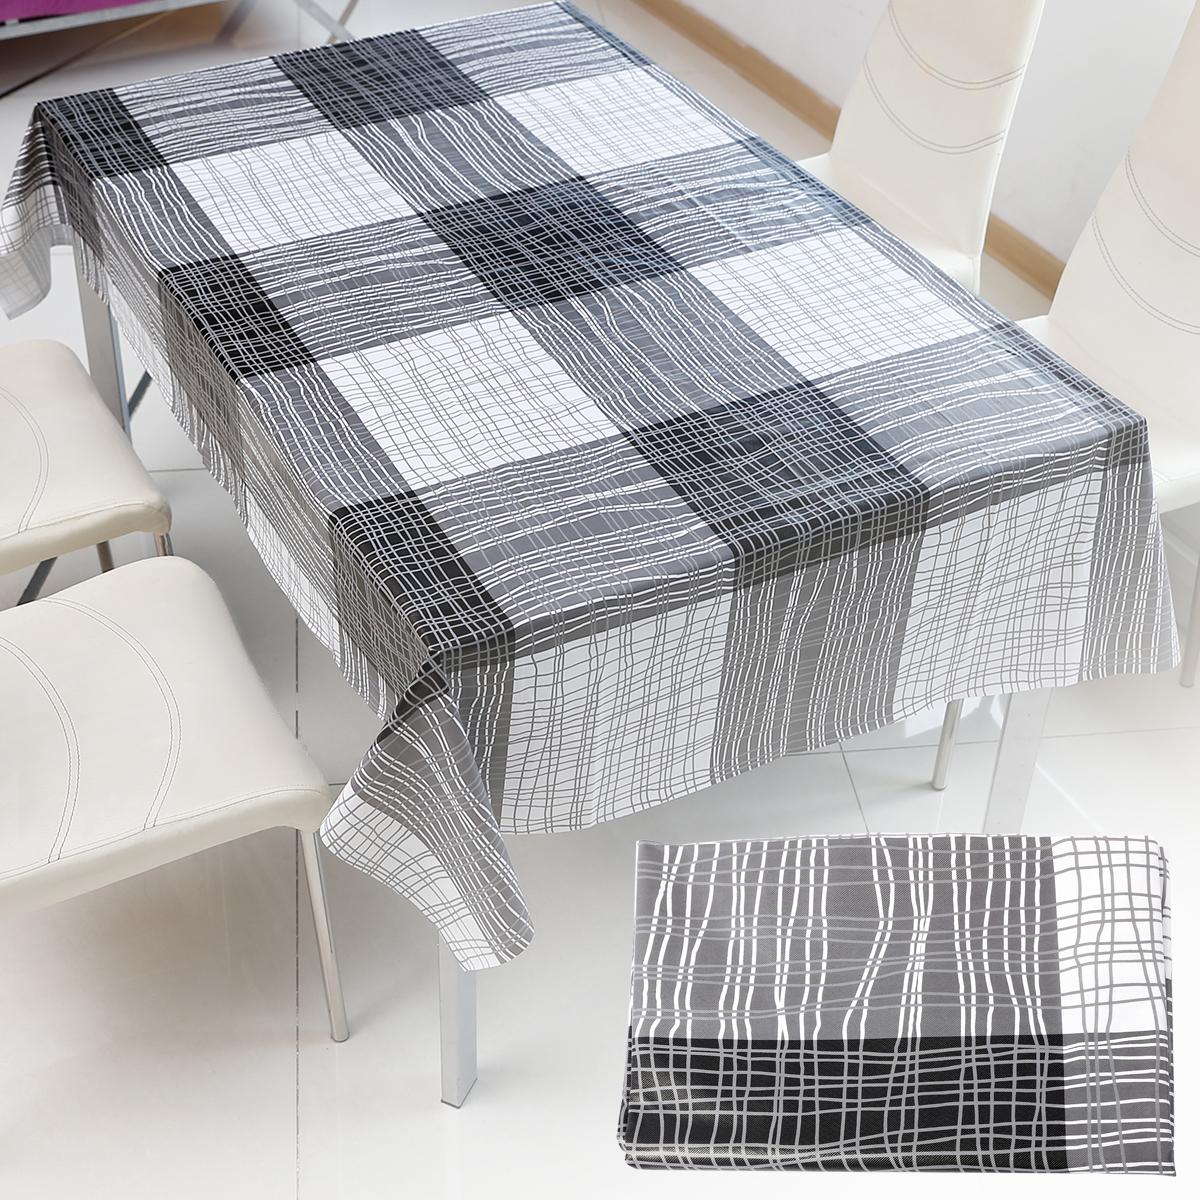 wachstuch tischdecke gartendecke tischschutz meterware abwaschbar 200 x 140 cm ebay. Black Bedroom Furniture Sets. Home Design Ideas